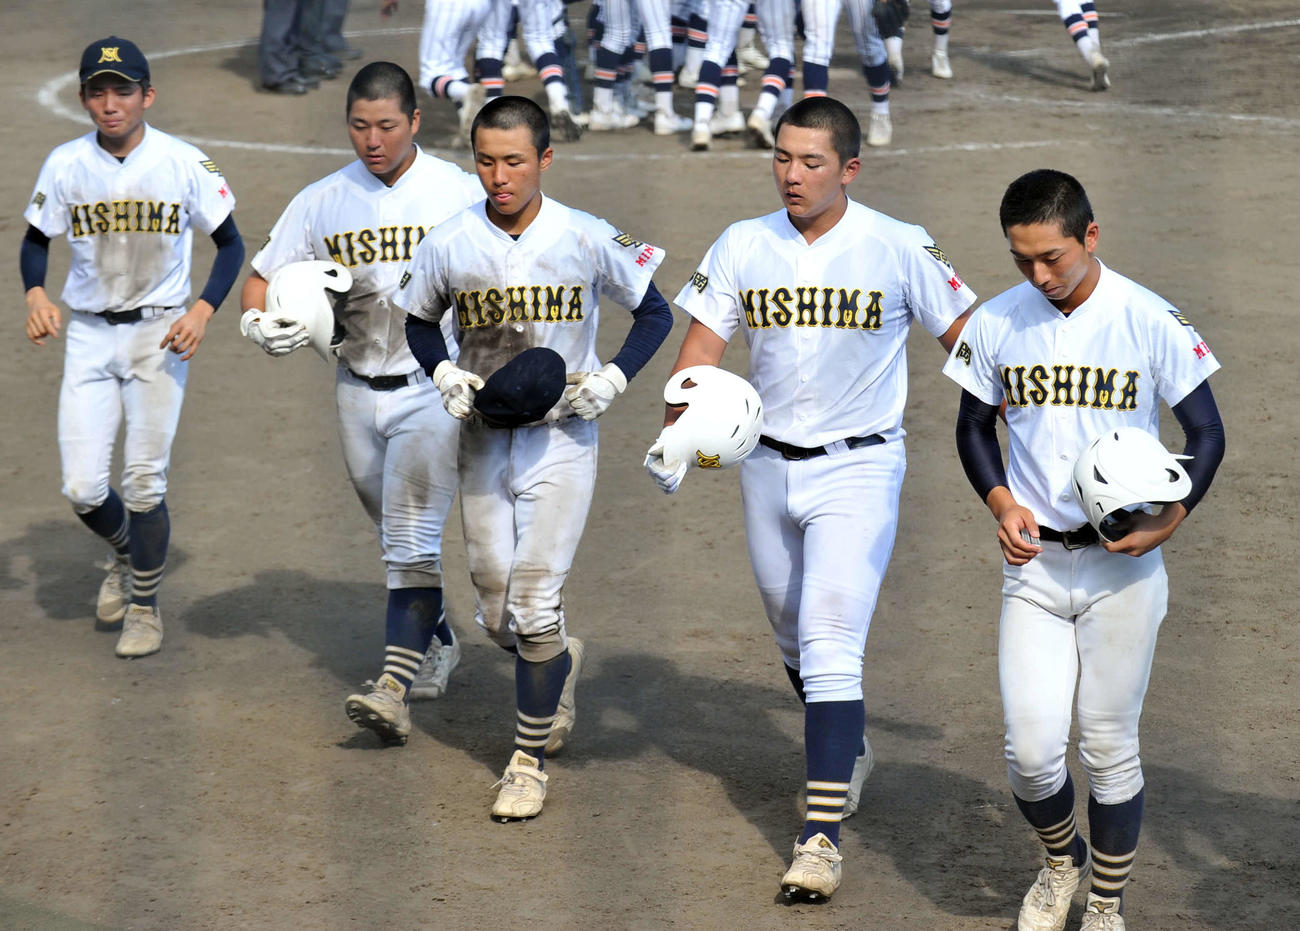 試合に敗れて、肩を落とす三島南の選手たち。右から2人目が前田